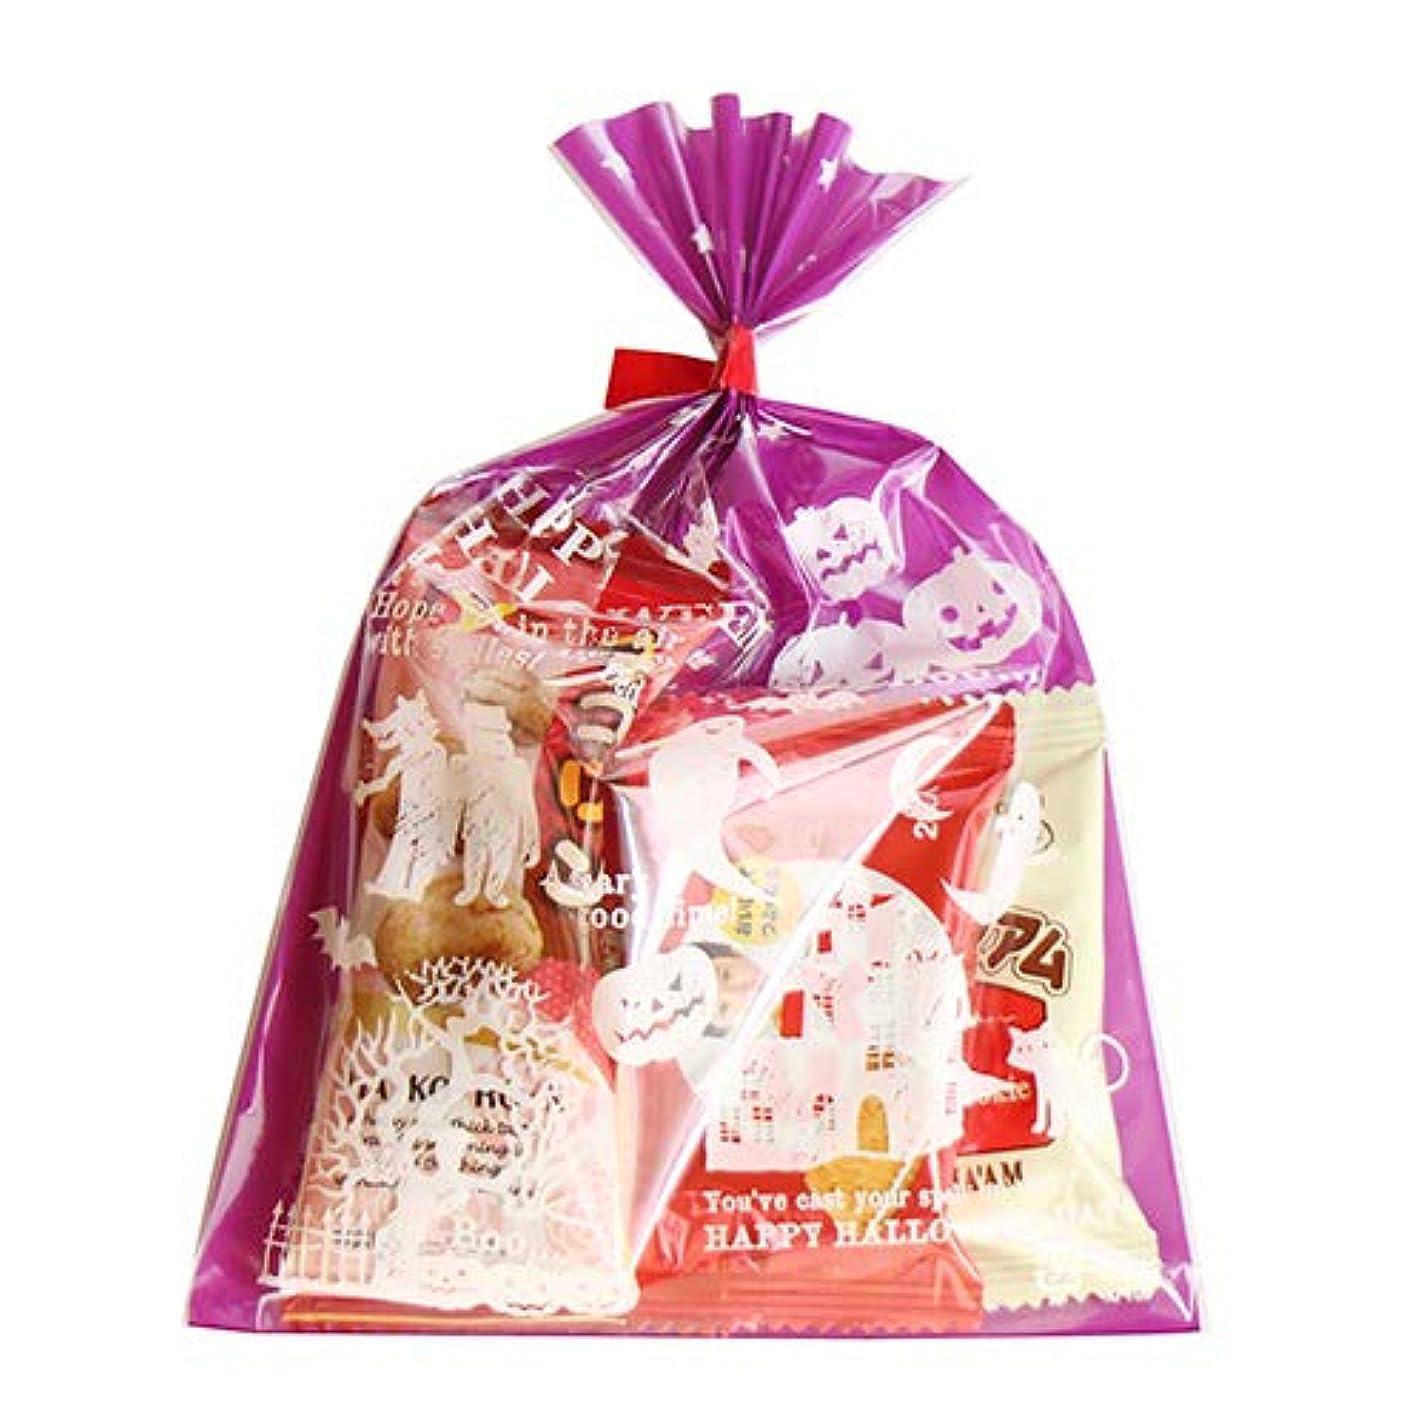 契約するボクシング習慣ハロウィン袋 120円 お菓子 詰め合わせ(Aセット) 駄菓子 袋詰め おかしのマーチ